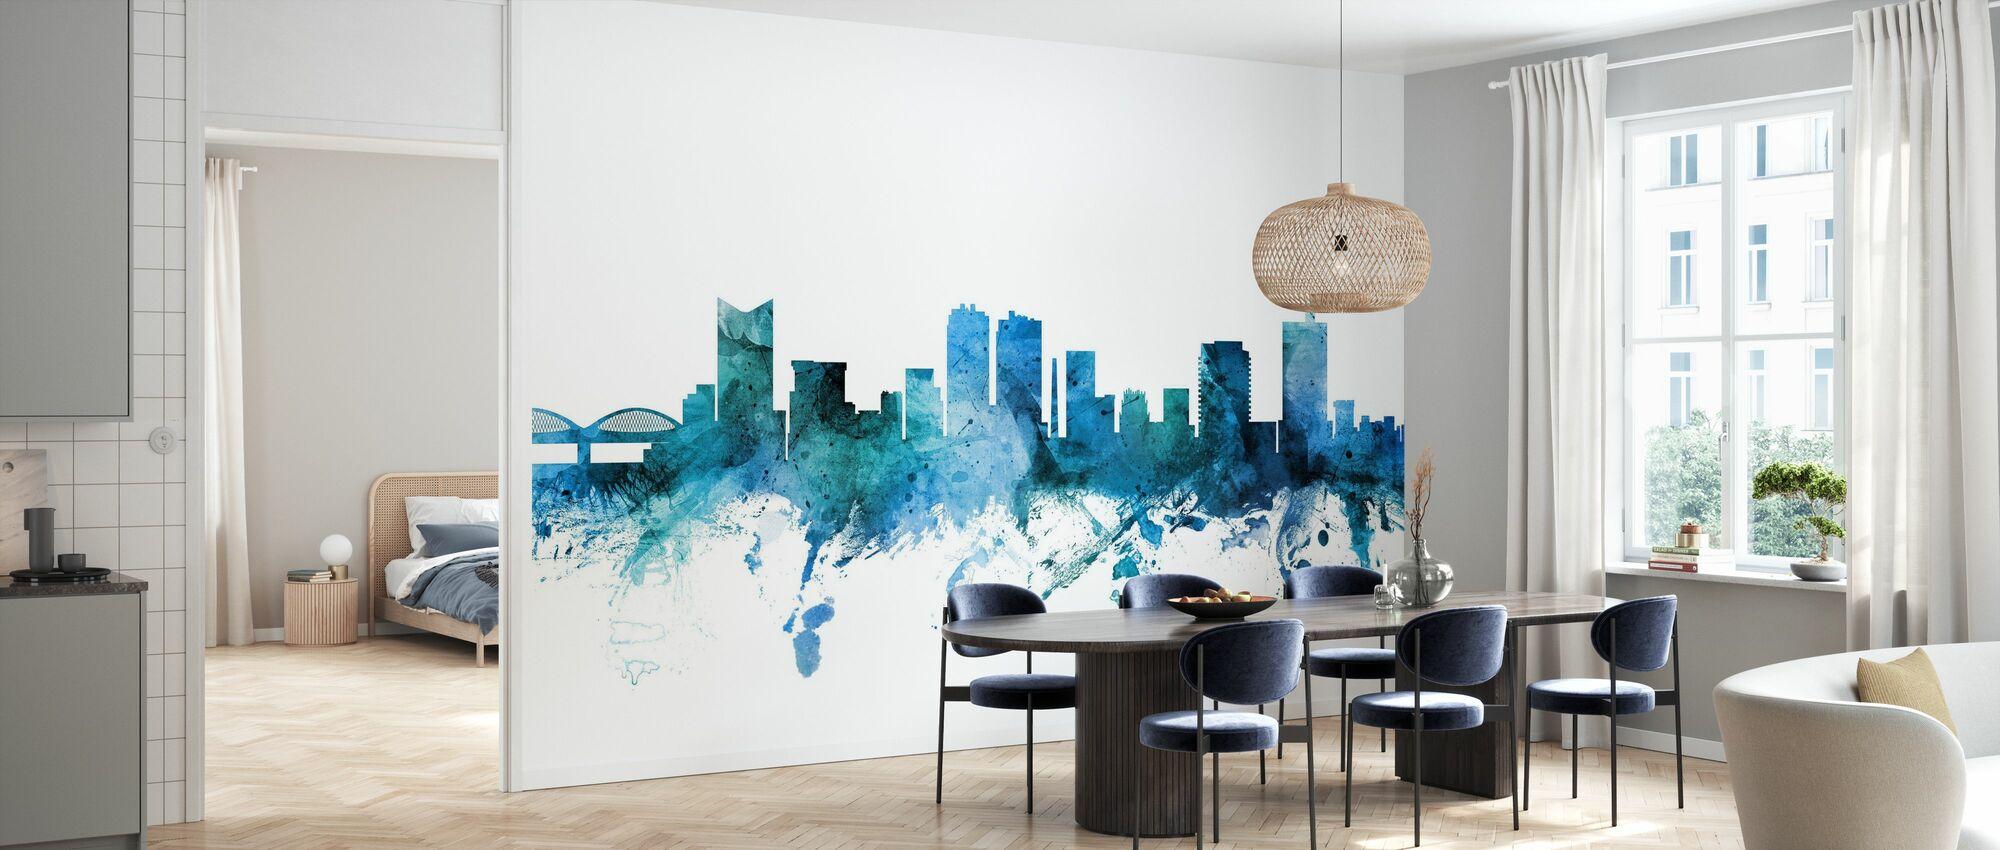 Fort Worth Texas Skyline - Wallpaper - Kitchen